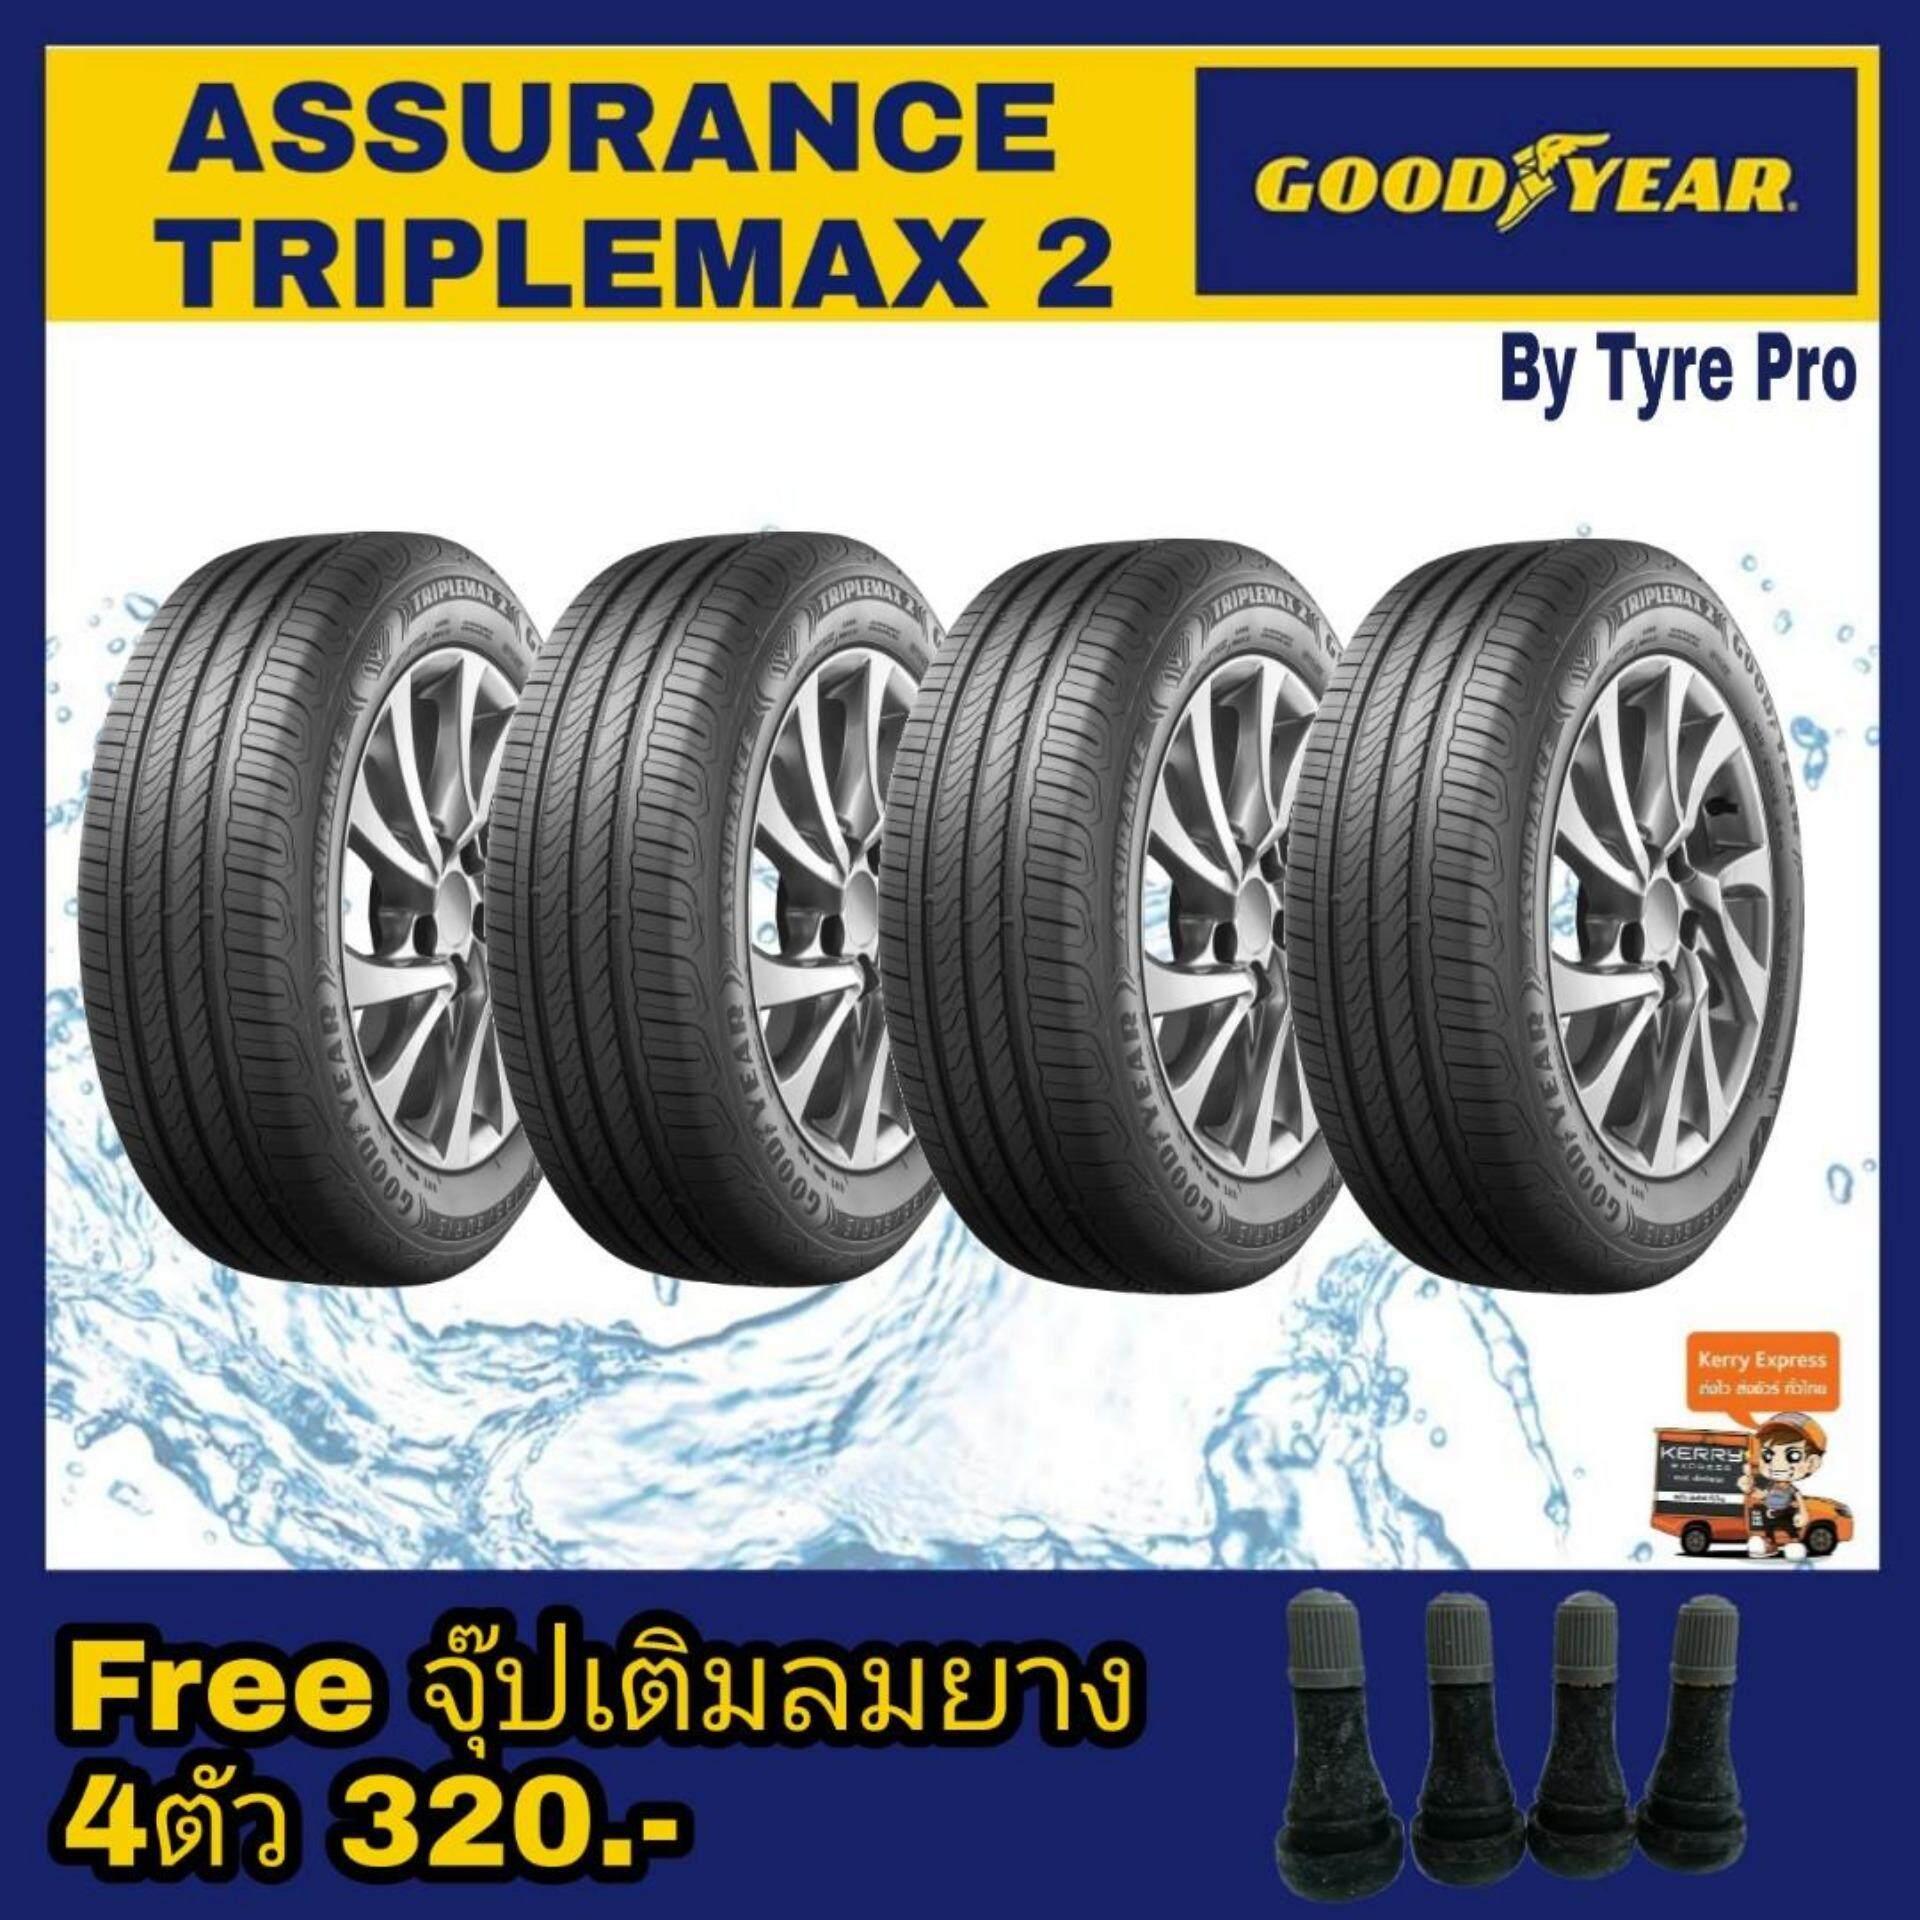 น่าน Goodyear ยางรถยนต์ขอบ16 195/50R16 รุ่น Assurance TripleMax2 (4 เส้น)